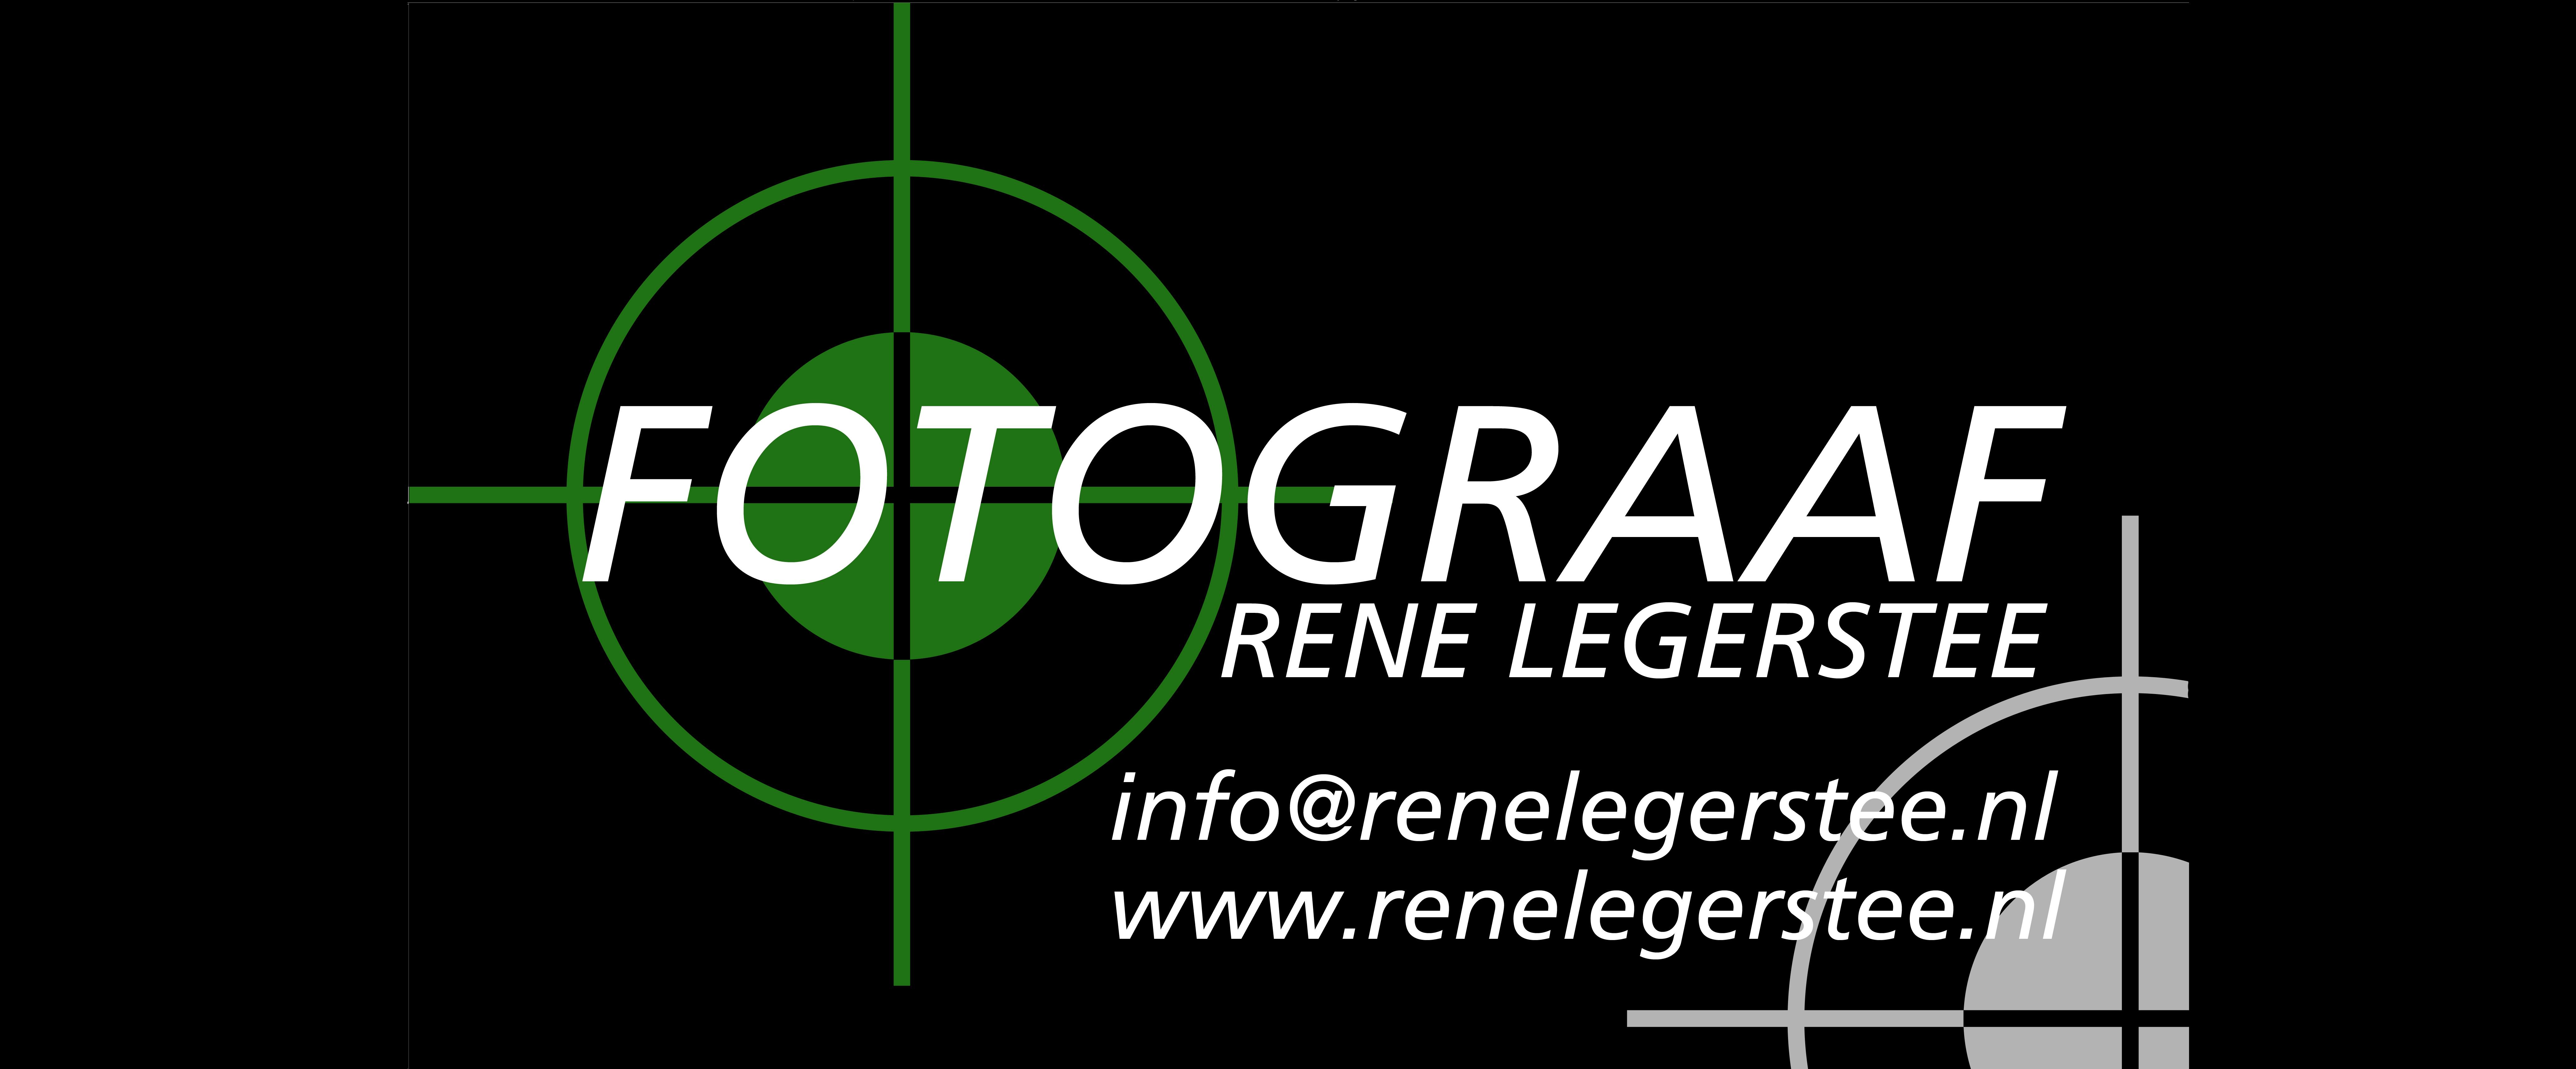 René Legerstee Fotograaf